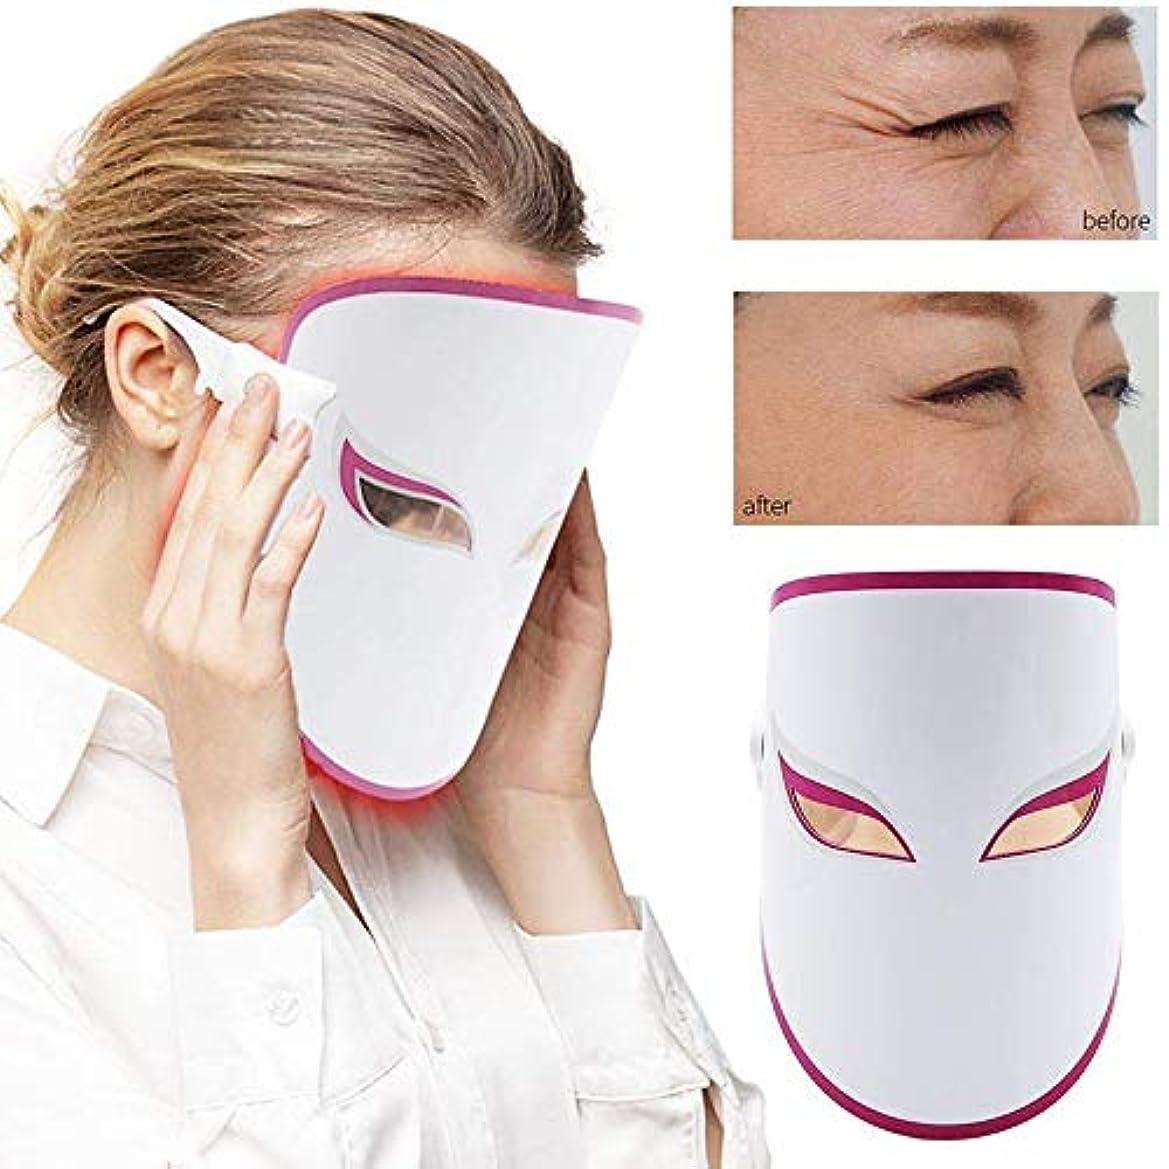 団結発症救急車LEDフェイスマスク - フェイシャル?スキンケア美容マスク療法 - 毛穴を縮小、にきびしわを減らし、肌の若返り - 補充コラーゲン、アンチエイジング